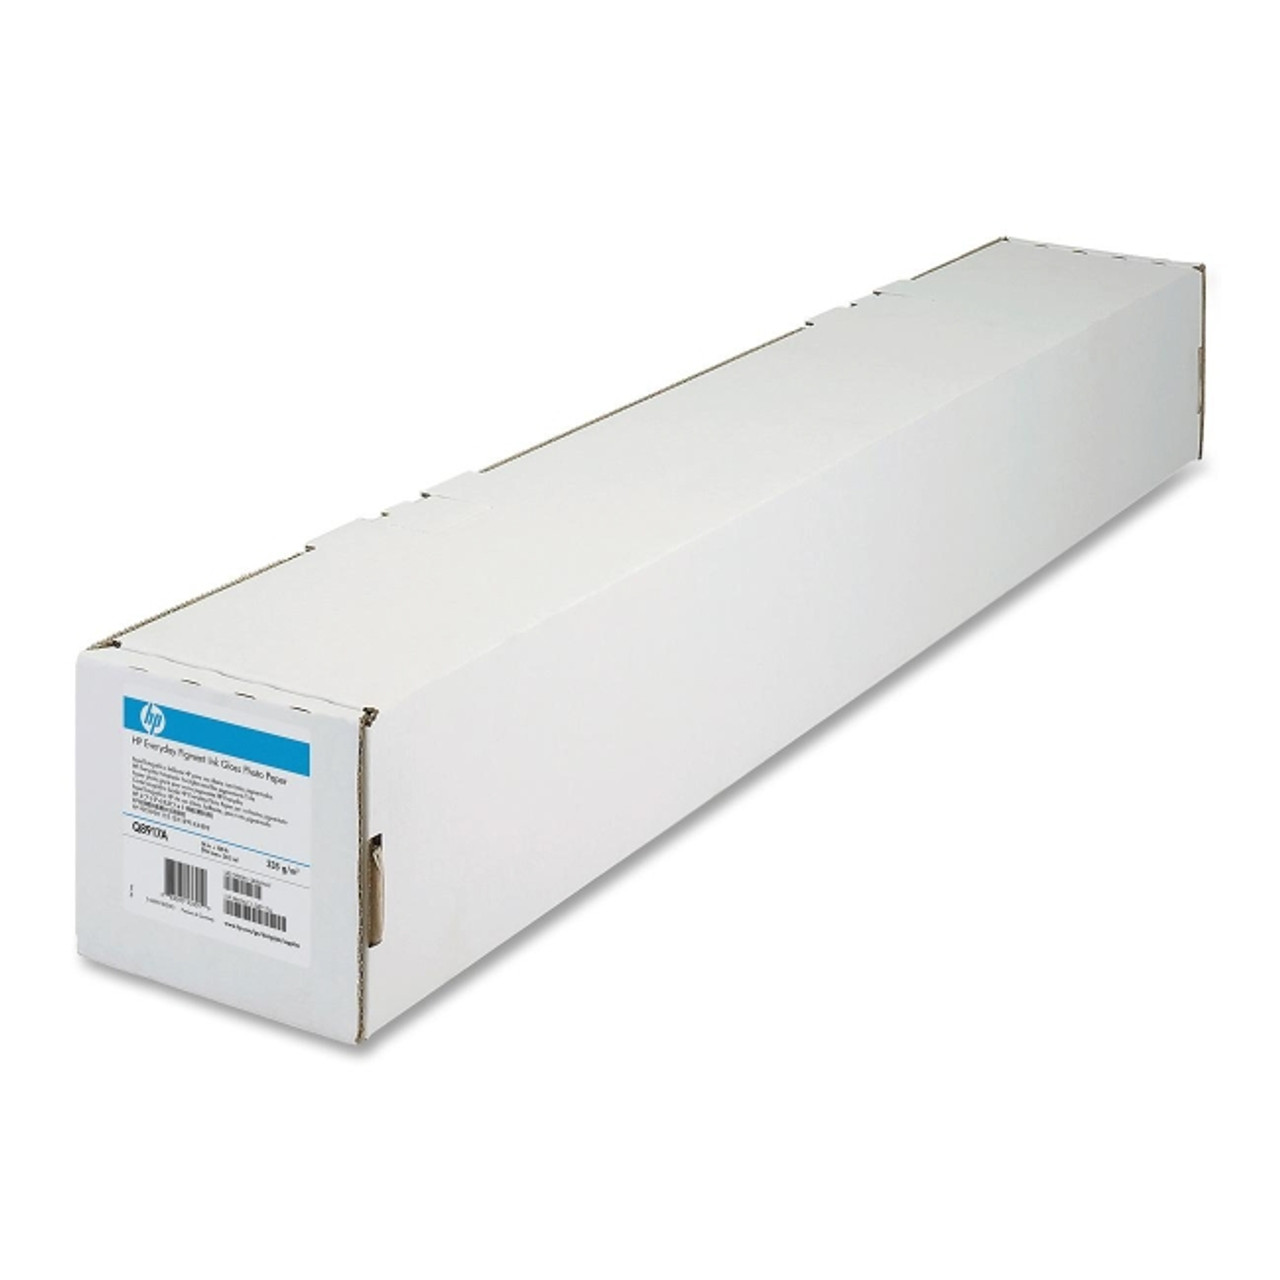 HP Translucent Bond Paper, 18lb, 36